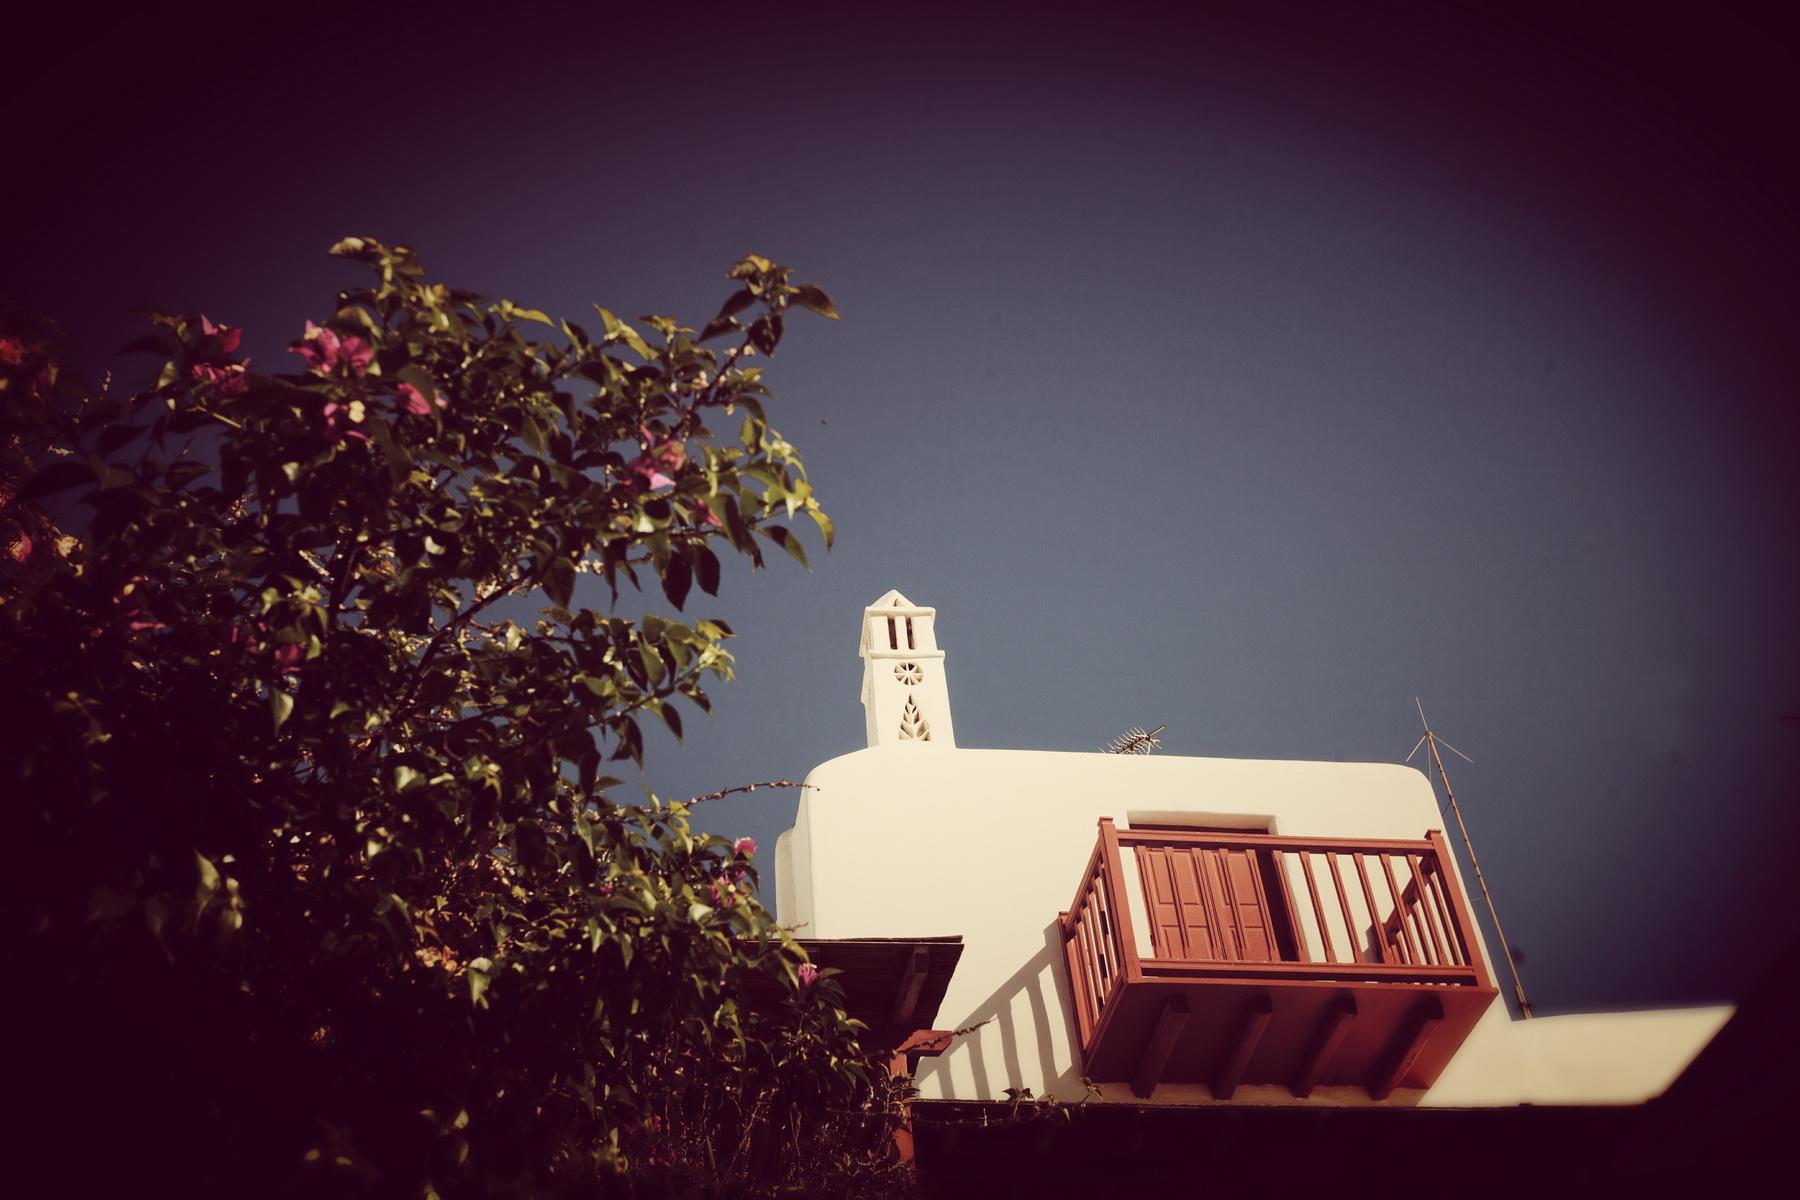 ANDRIOPOULOS MYKONOS WEDDINGS MYK_398-2_Fotor_resize.jpg